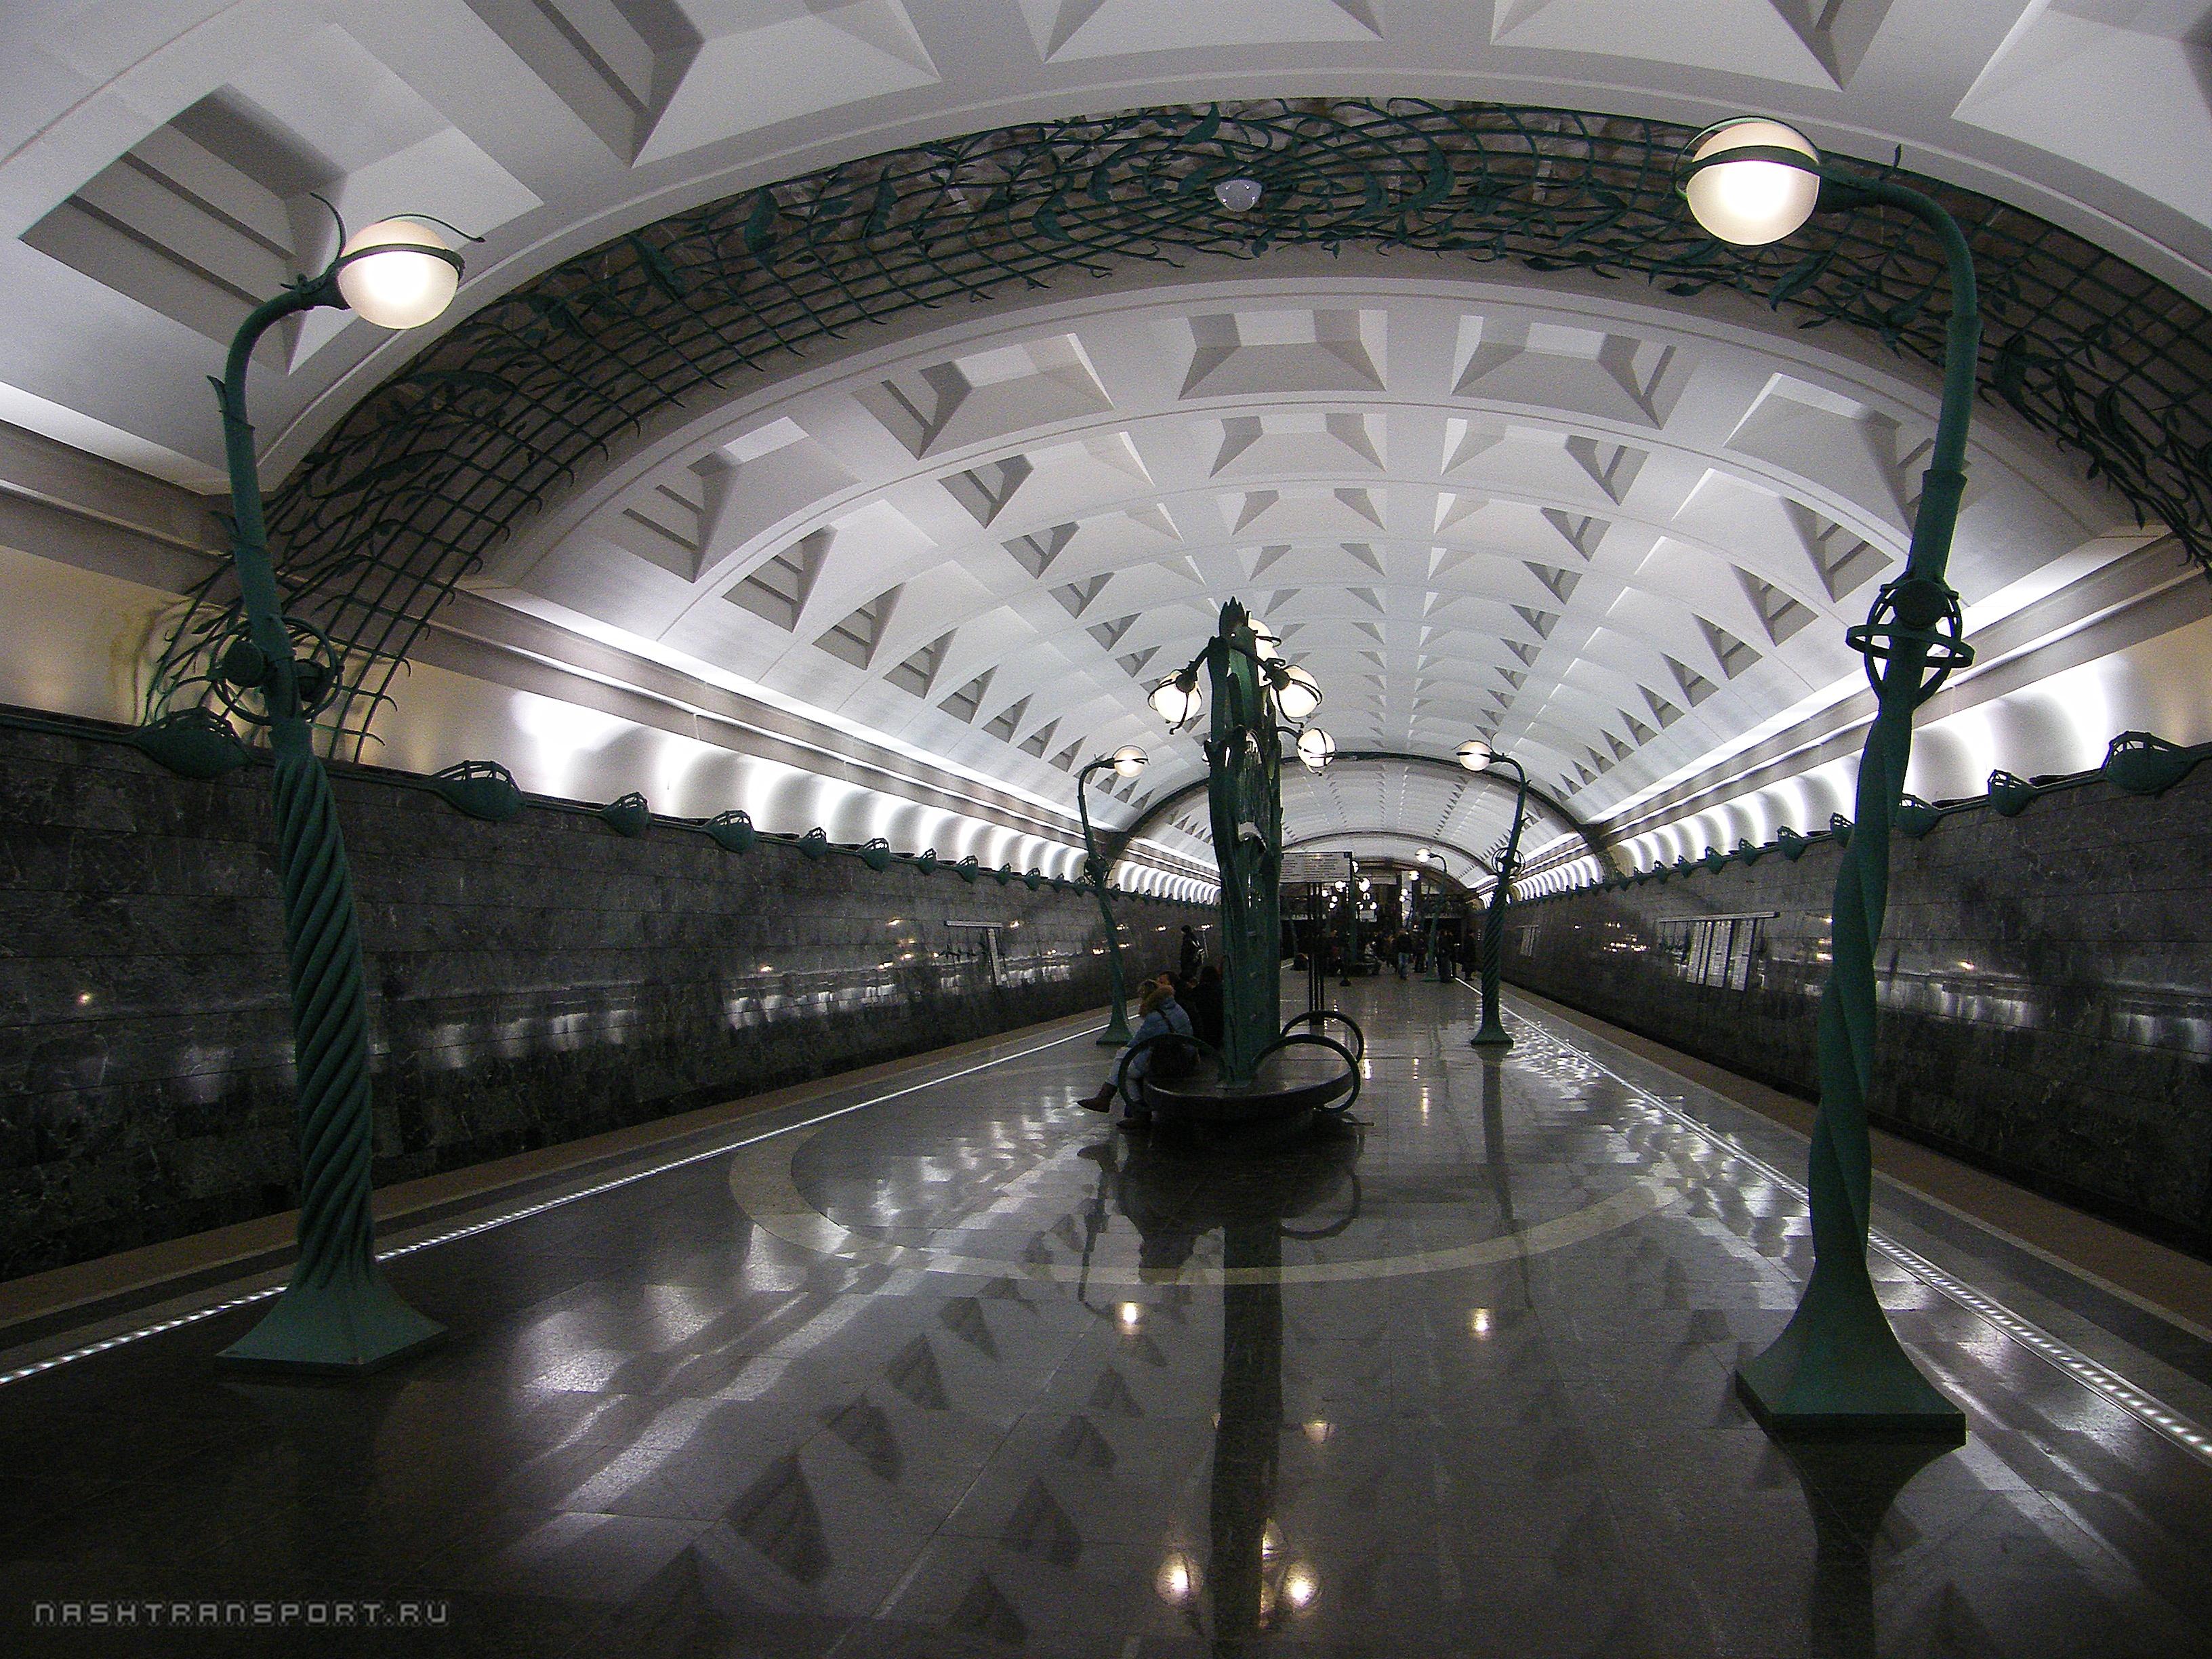 Проститутки москва метро авиамоторная 18 фотография